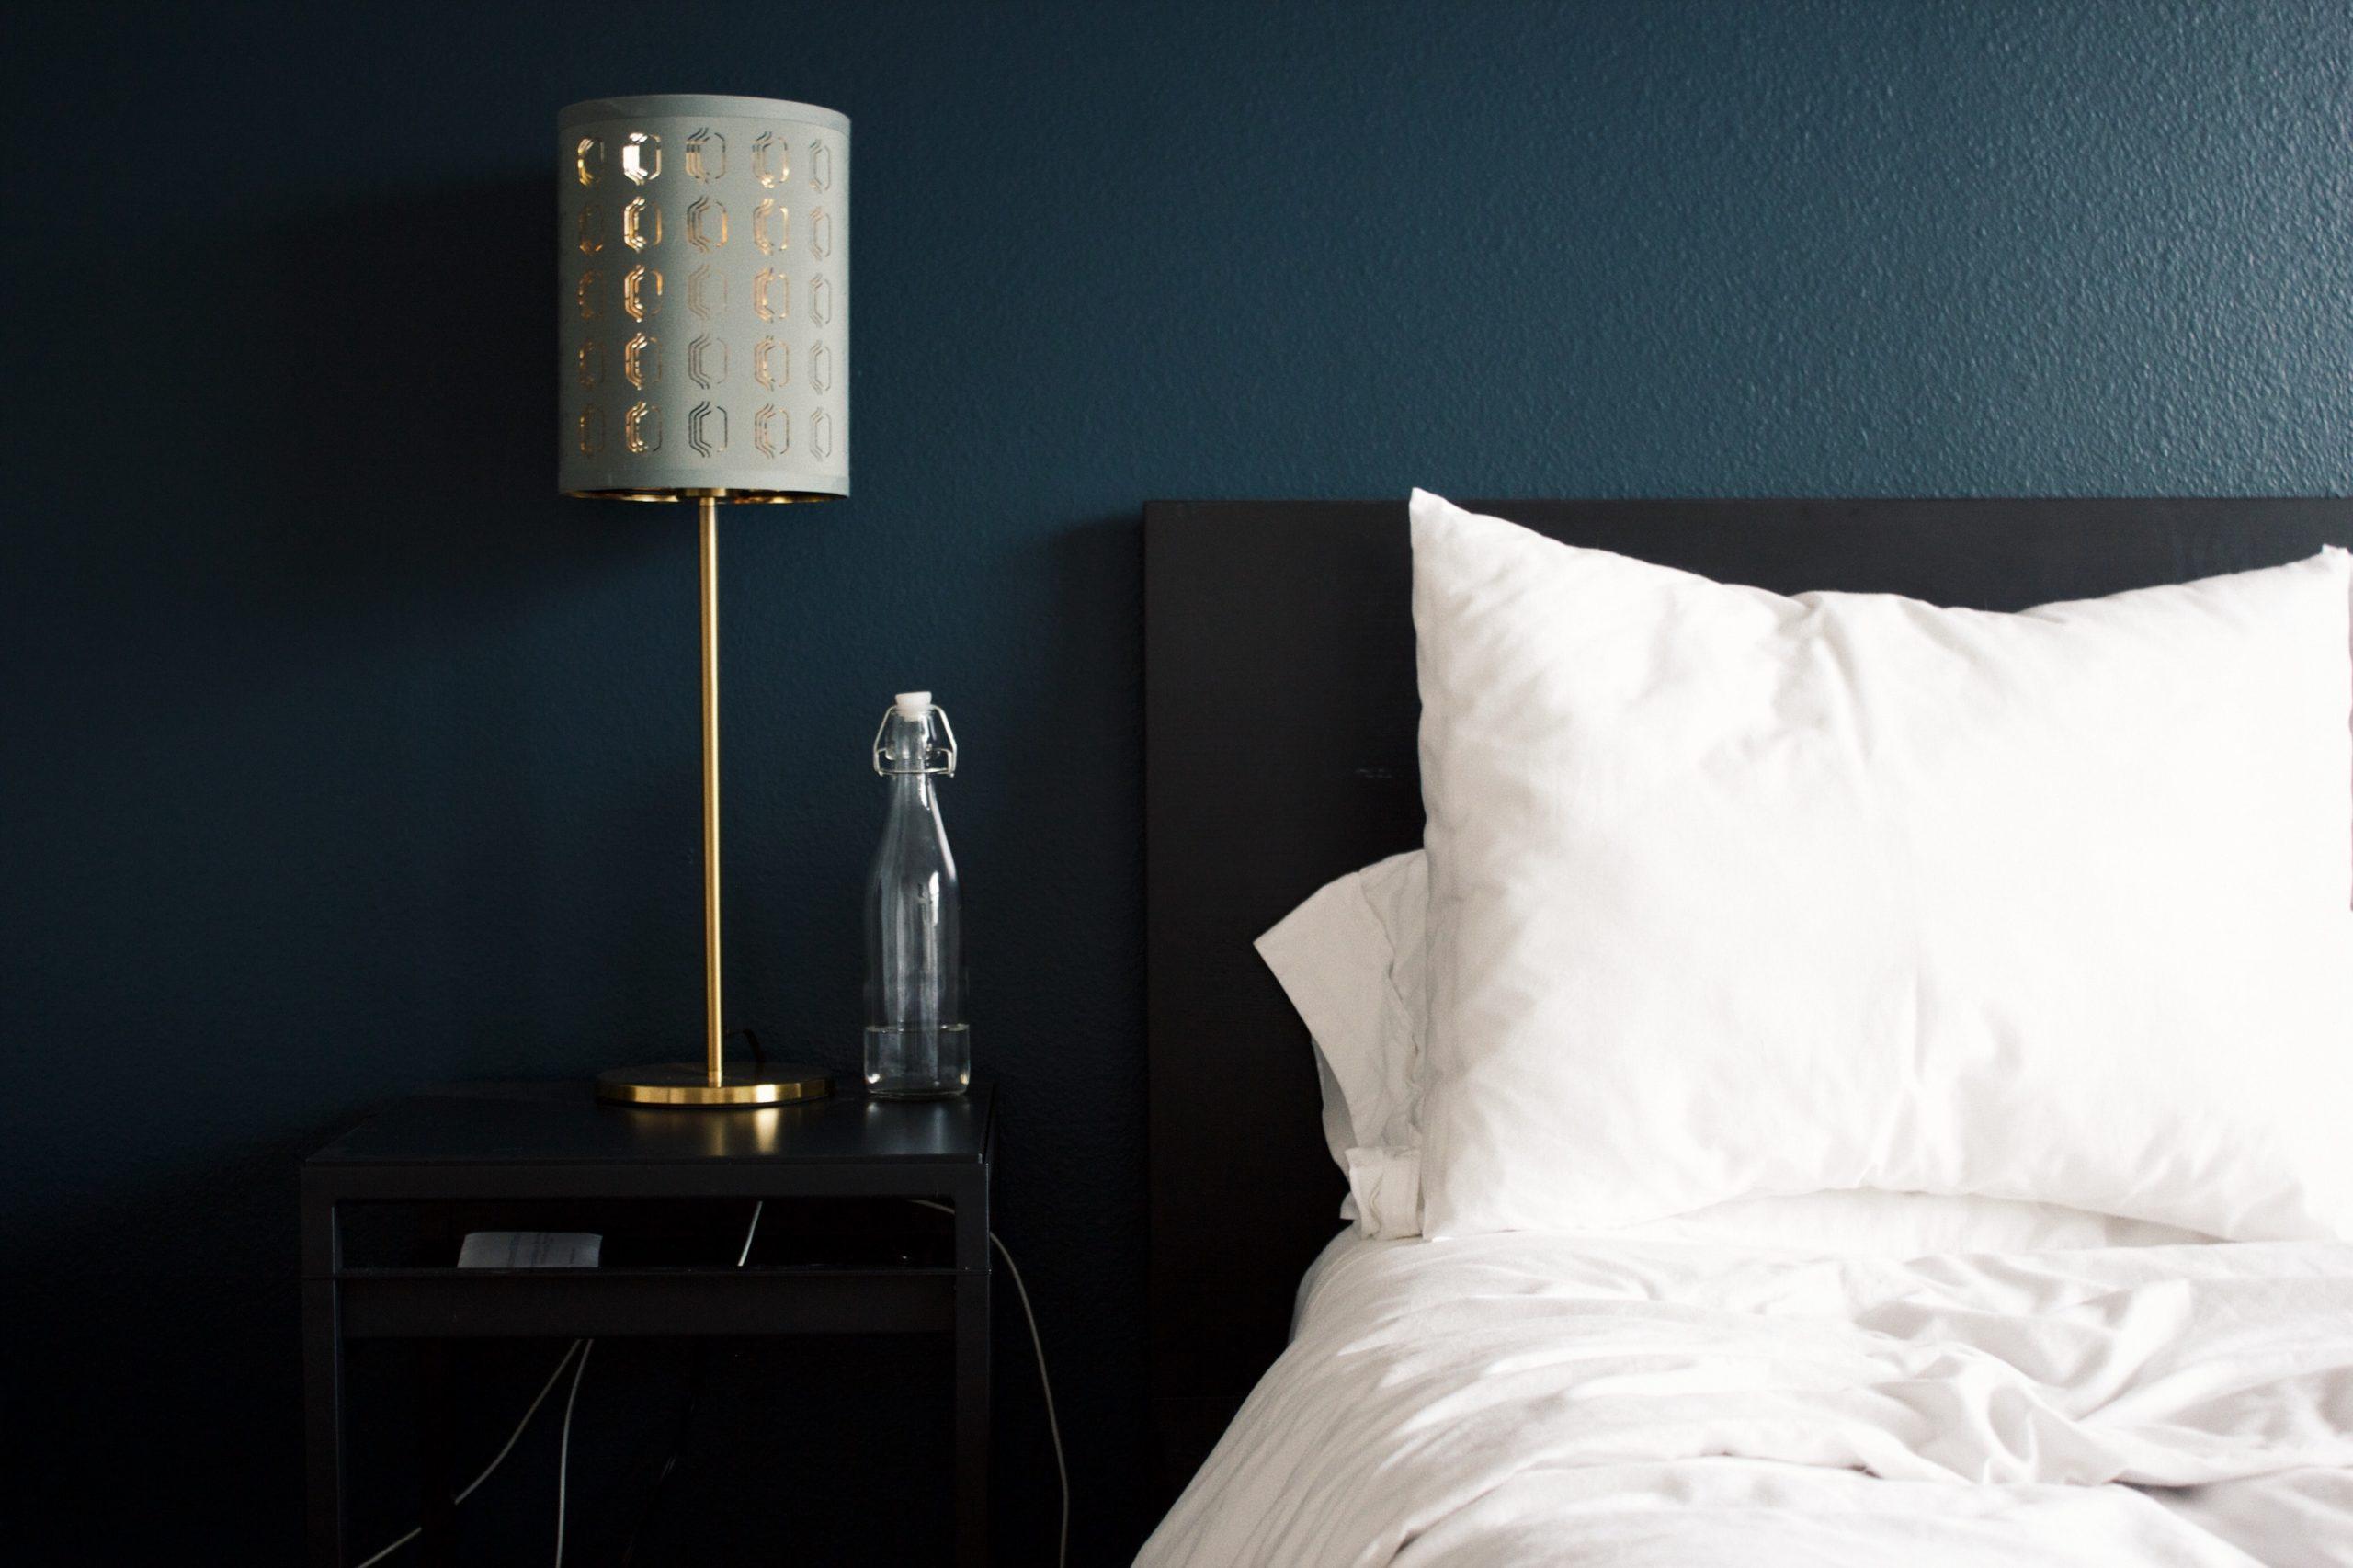 Vemos uma belíssima cama em um quarto de hotel; ao lado, sobre o móvel de cabeceira, temos uma garrafa de água e um abajur (imagem ilustrativa).